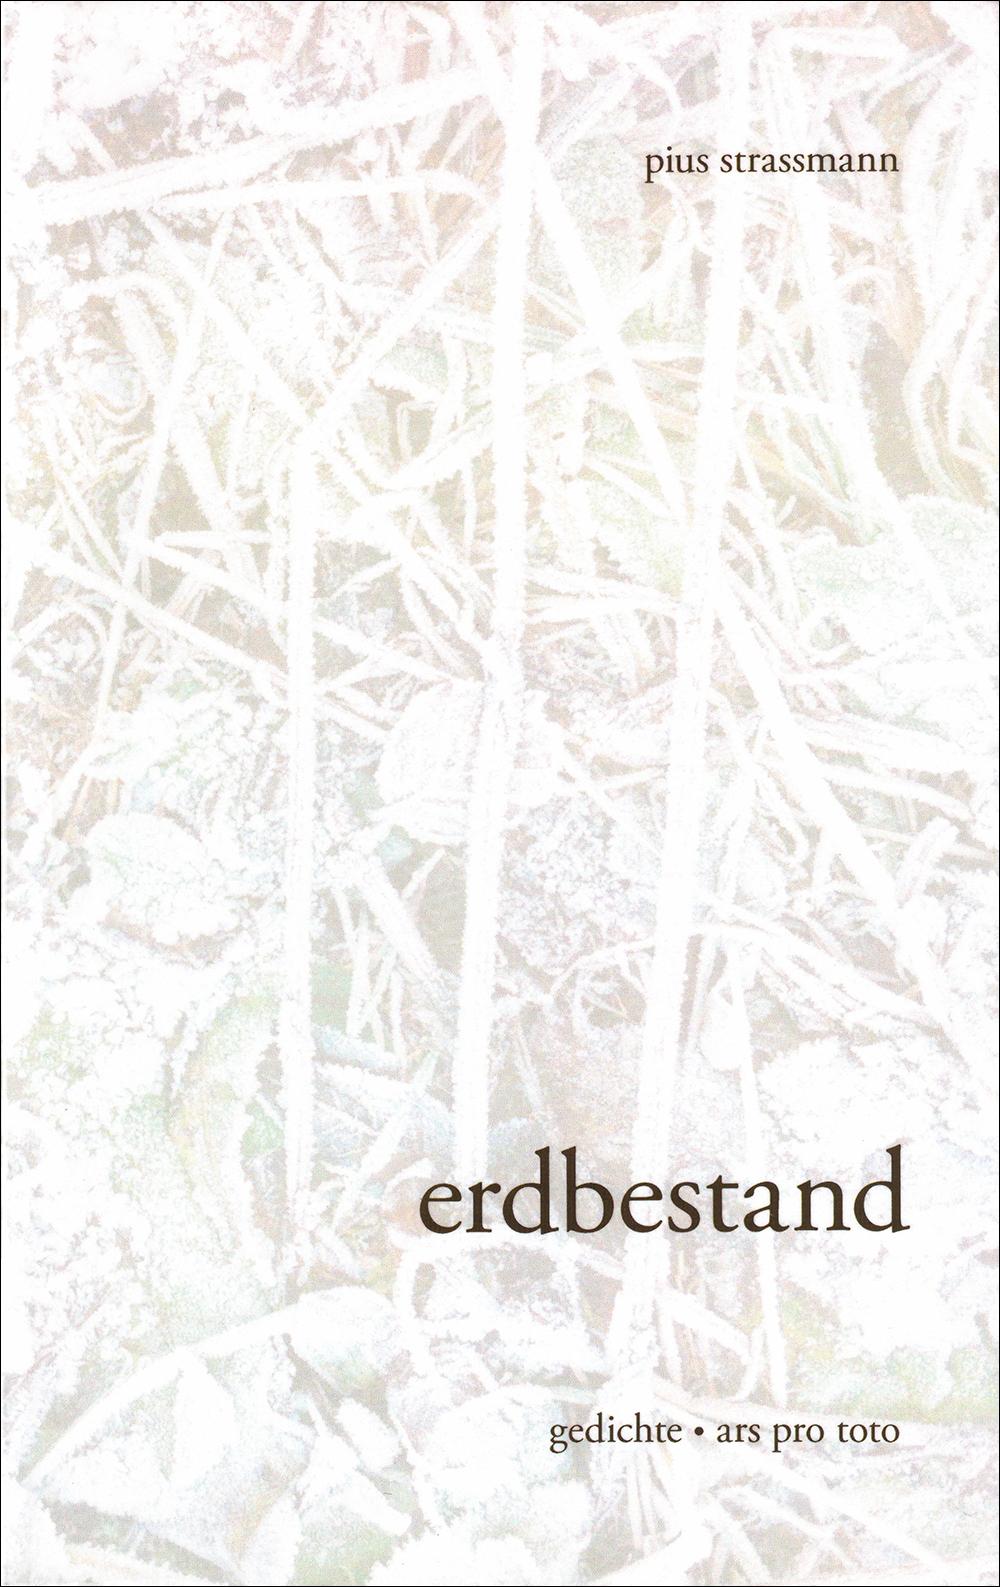 erdbestand gedichte paperback,120 seiten fr. 23.50 oder etwas preisgünstiger  in der hirschmatt-buchhandlung   isbn 978-3-9524115-0-6